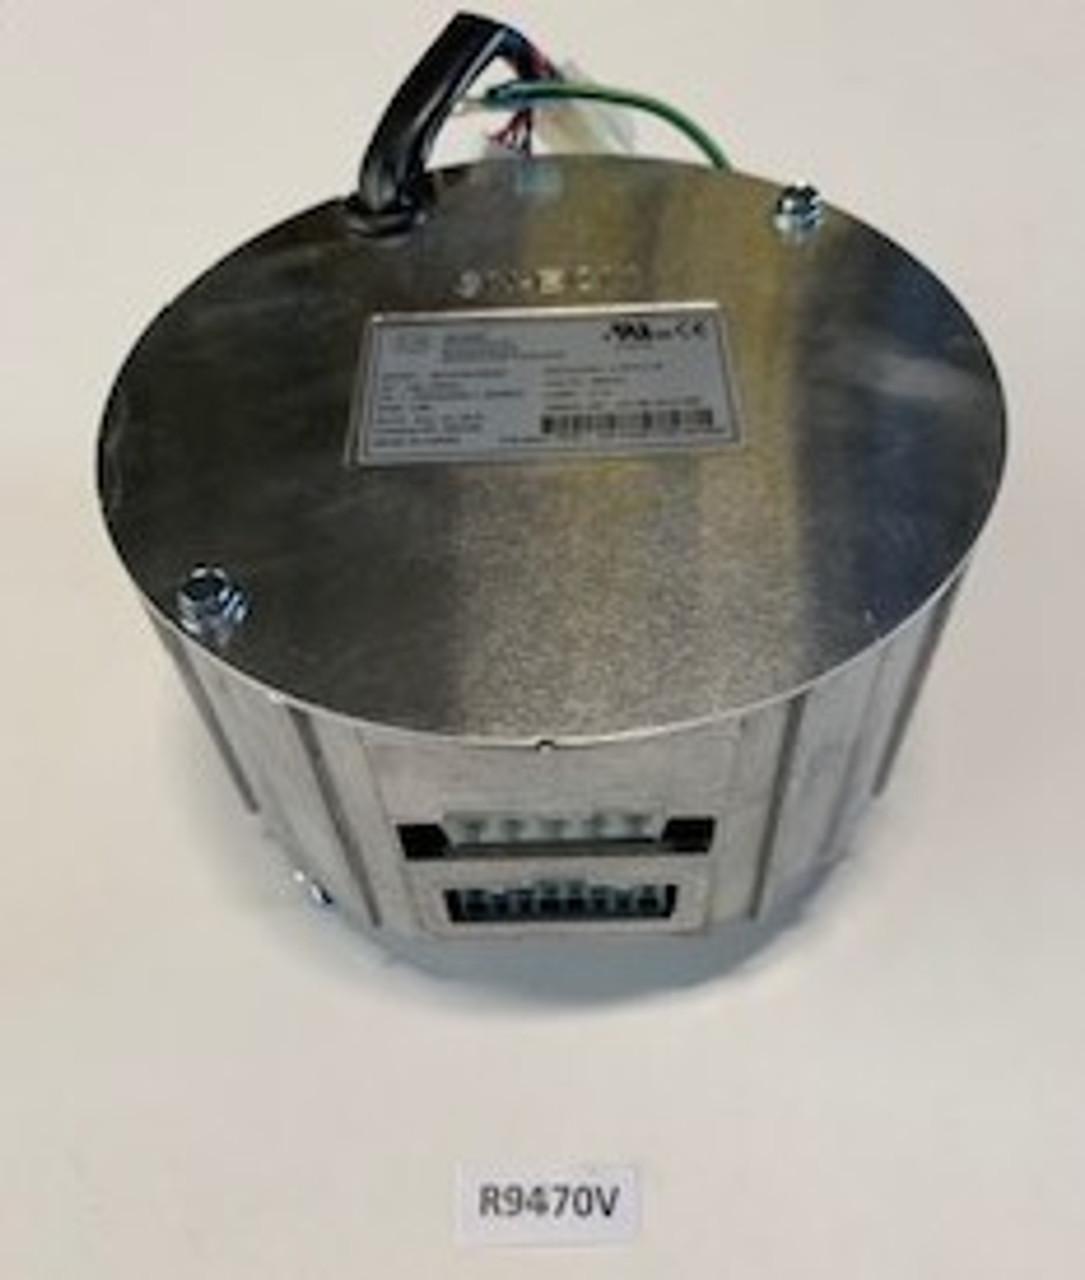 Control, 1HP ECM 460V SNT VR, Aaon, R9470V